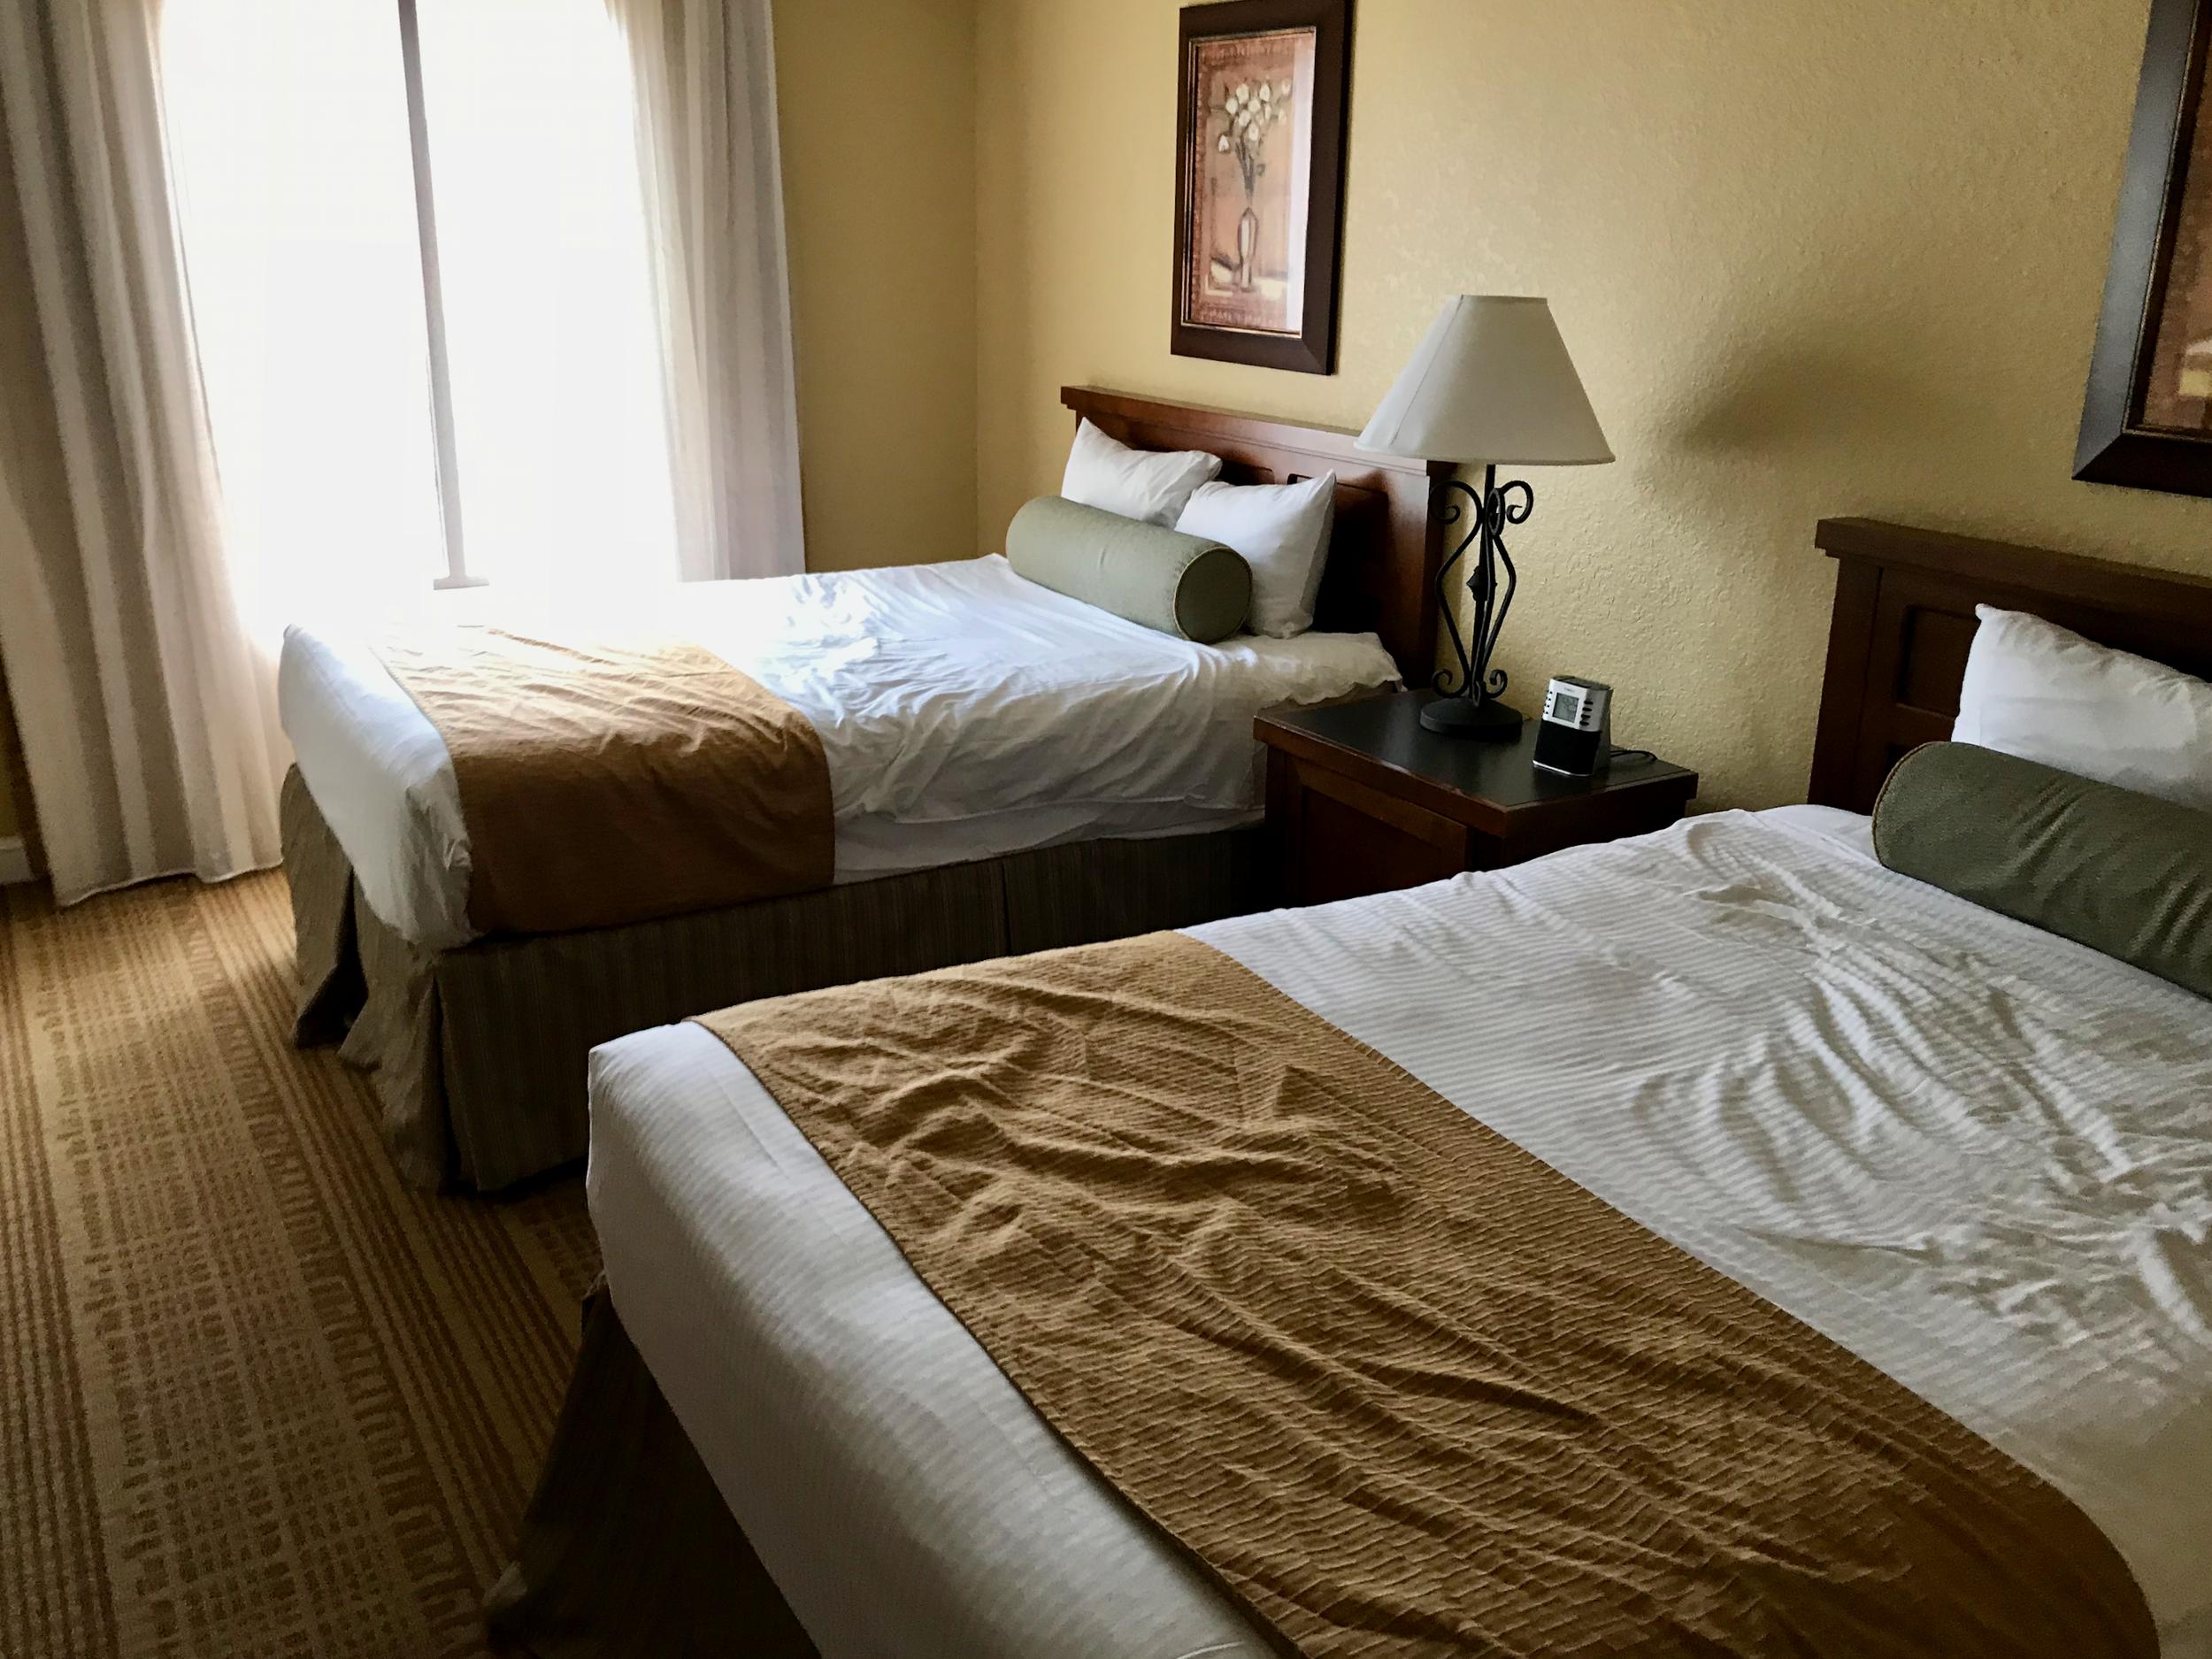 Condo second bedroom  (click to enlarge)